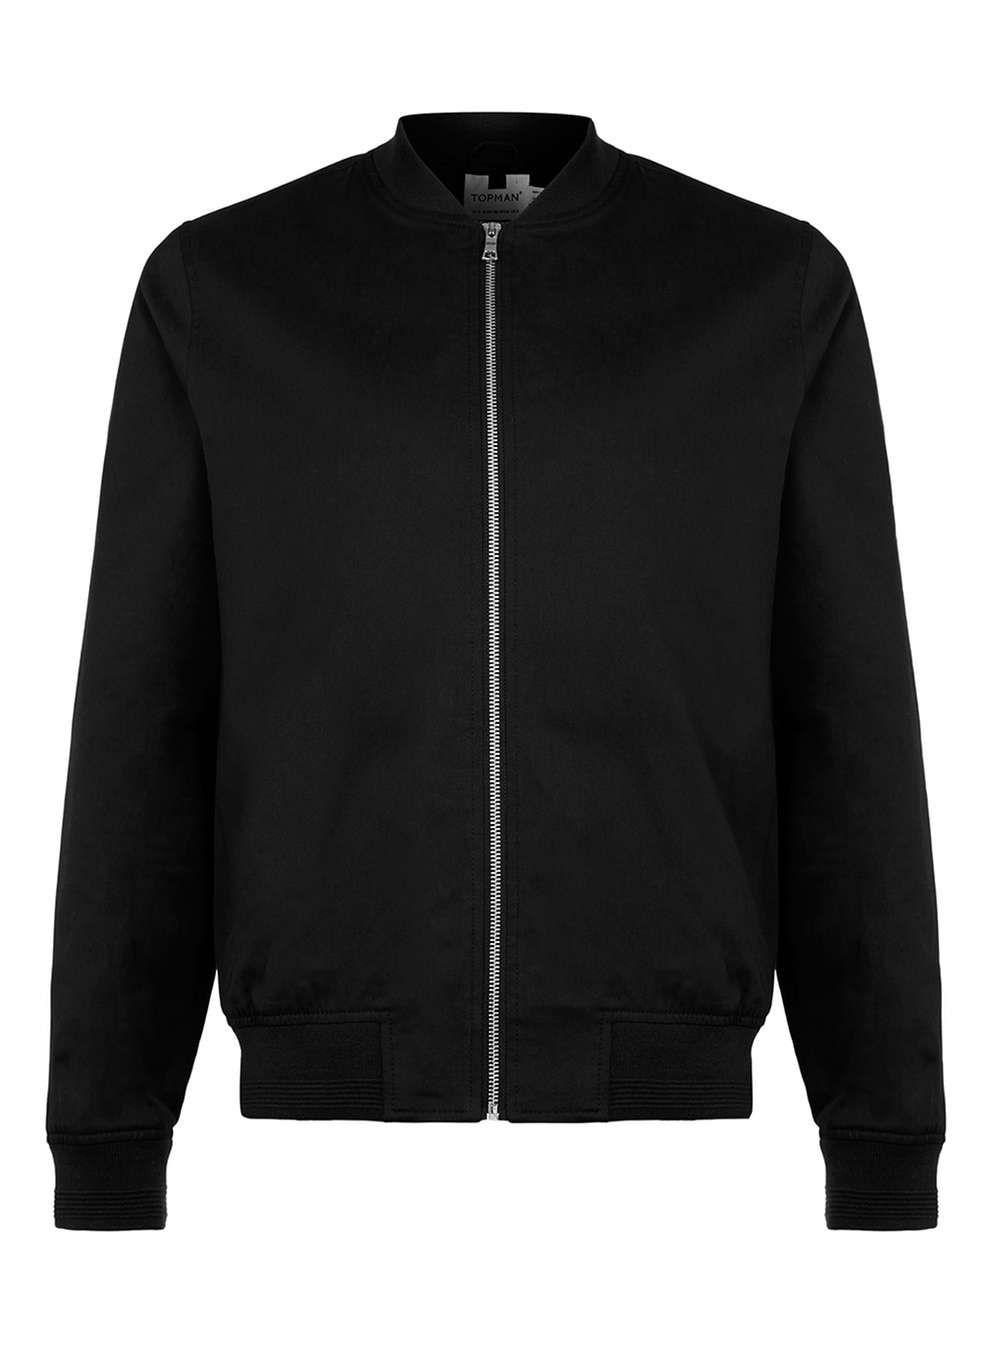 Black Cotton Bomber Jacket Men S Jackets Coats Clothing Mens Jackets Bomber Jacket Men S Coats Jackets [ 1350 x 994 Pixel ]